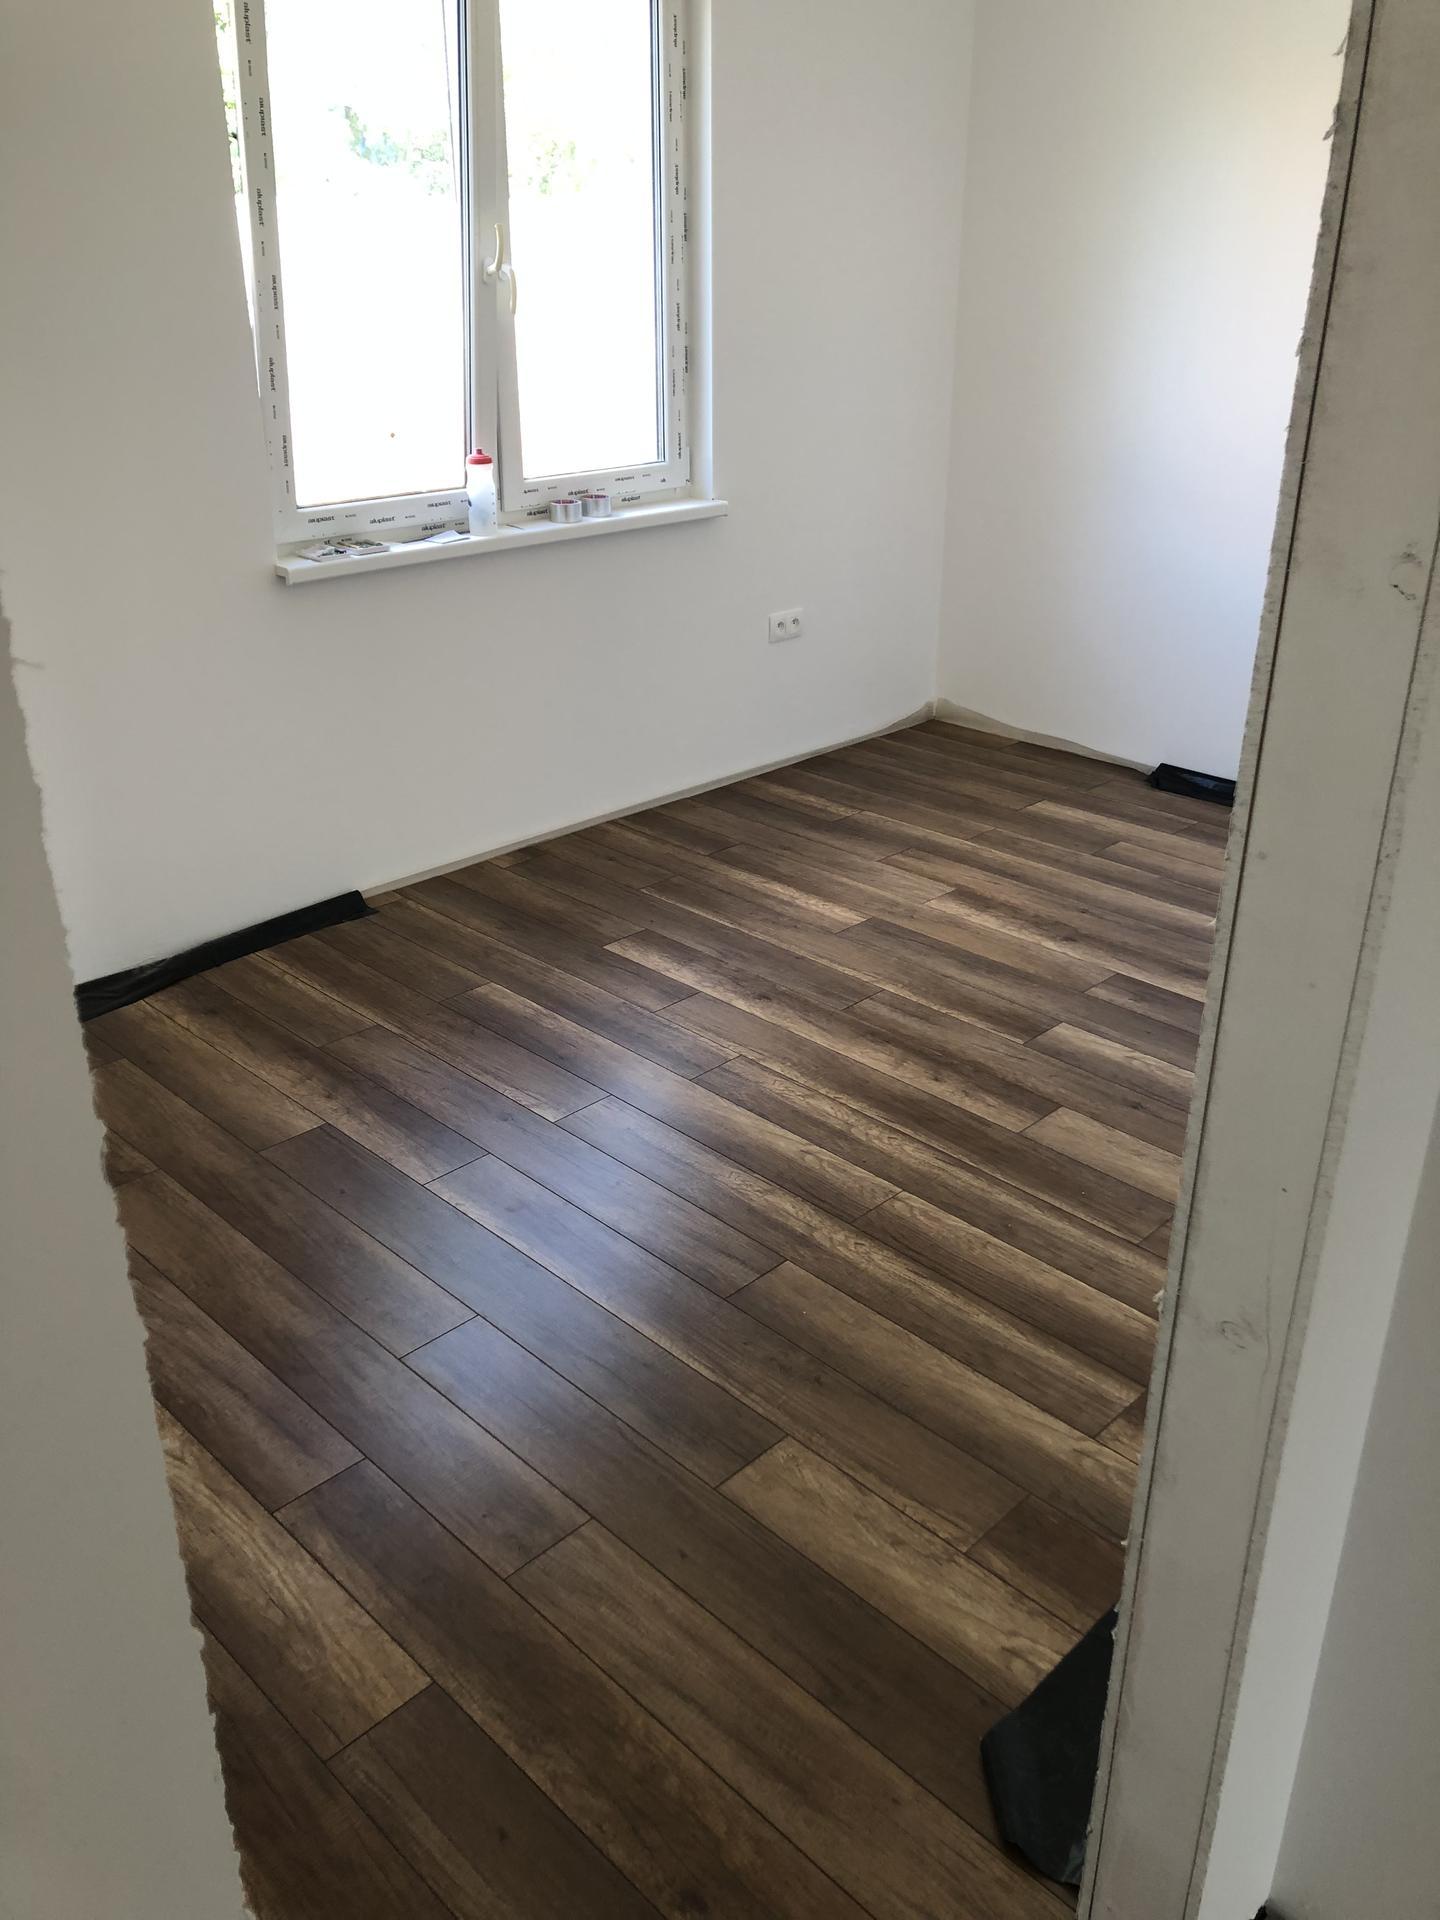 Naše prvé vlastné bývanie - Taak, spalna na zaver :) podlaha polozena 😇